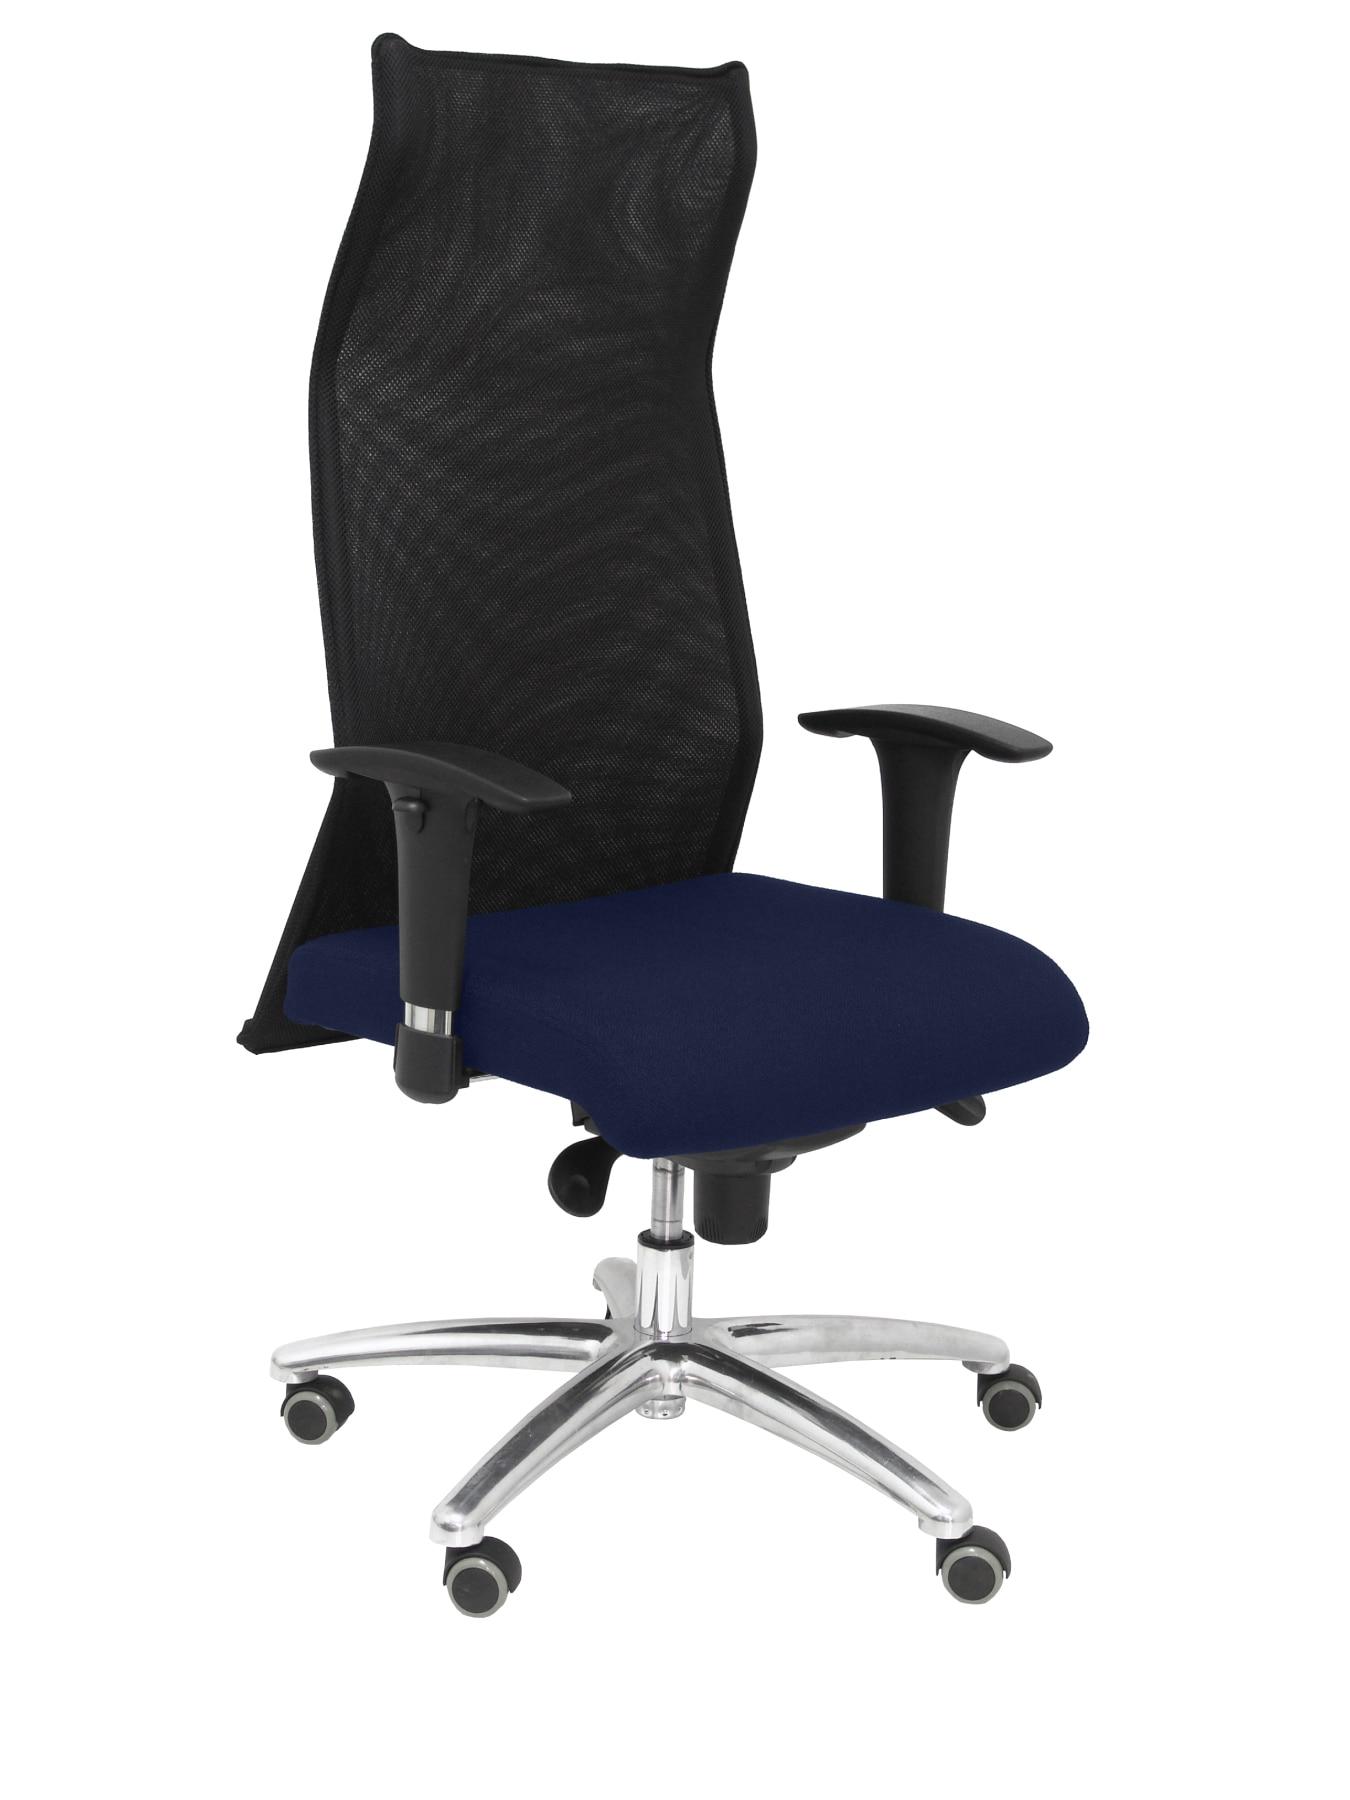 Mobilya'ten Oturma Odası Kanepeleri'de Koltuk ergonomik direksiyon Sincro ev mekanizması ve kısılabilir yüksek irtifa respaldo de nefes örgü ve koltuk t title=